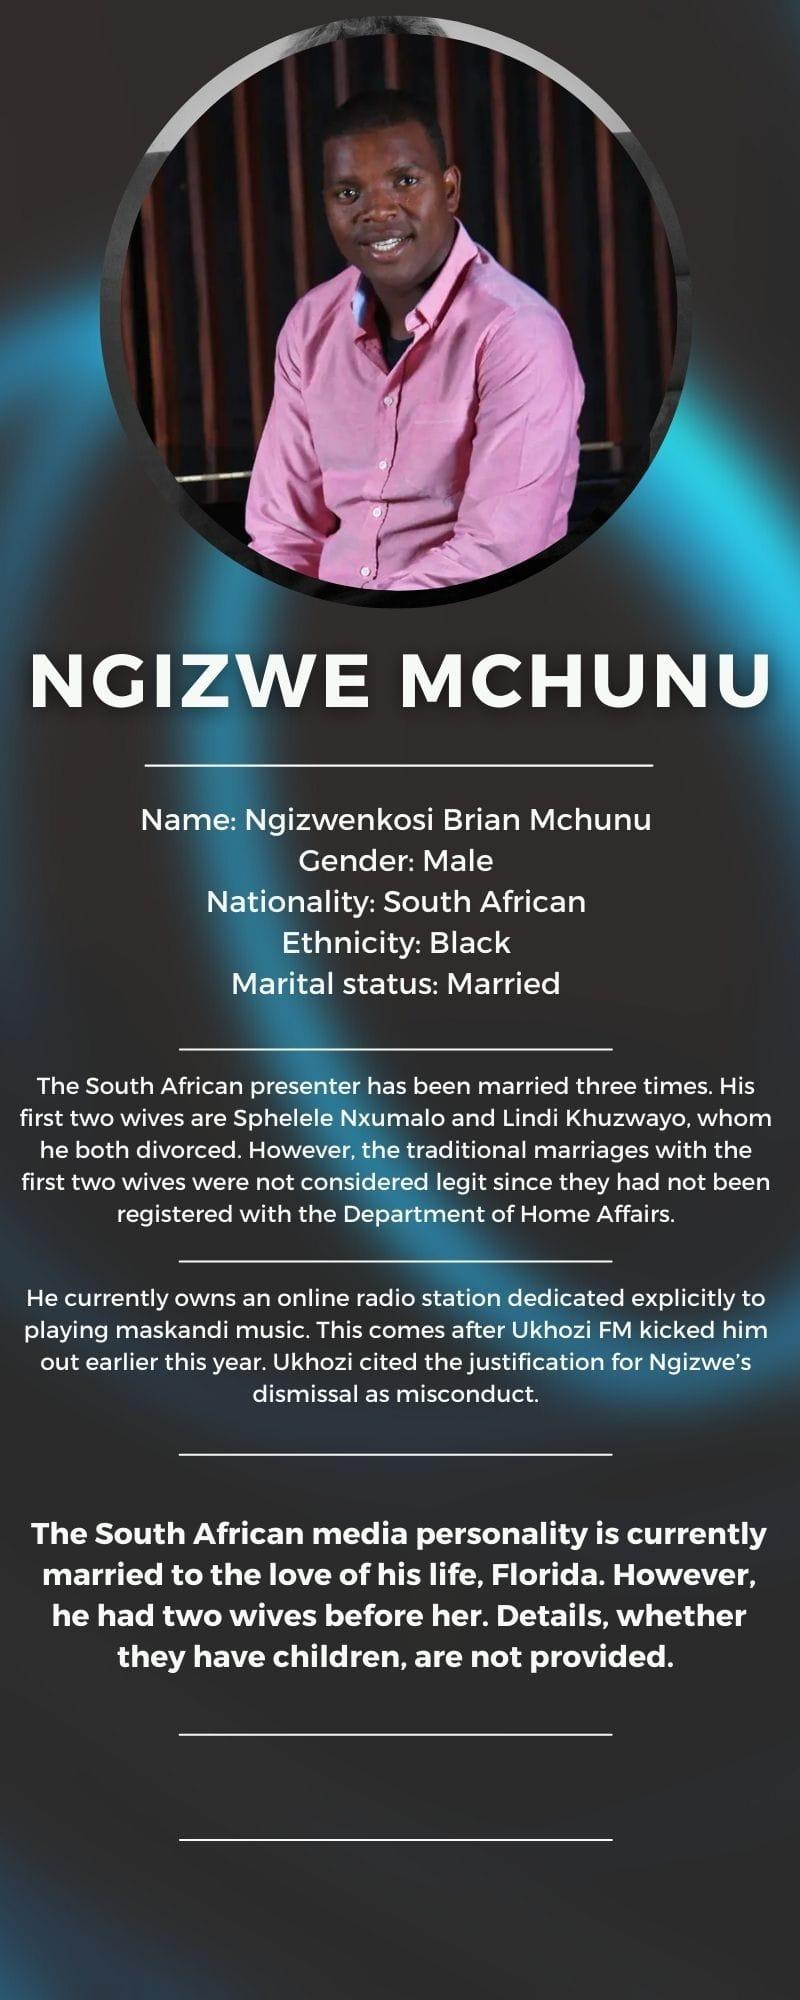 Ngizwe Mchunu bio